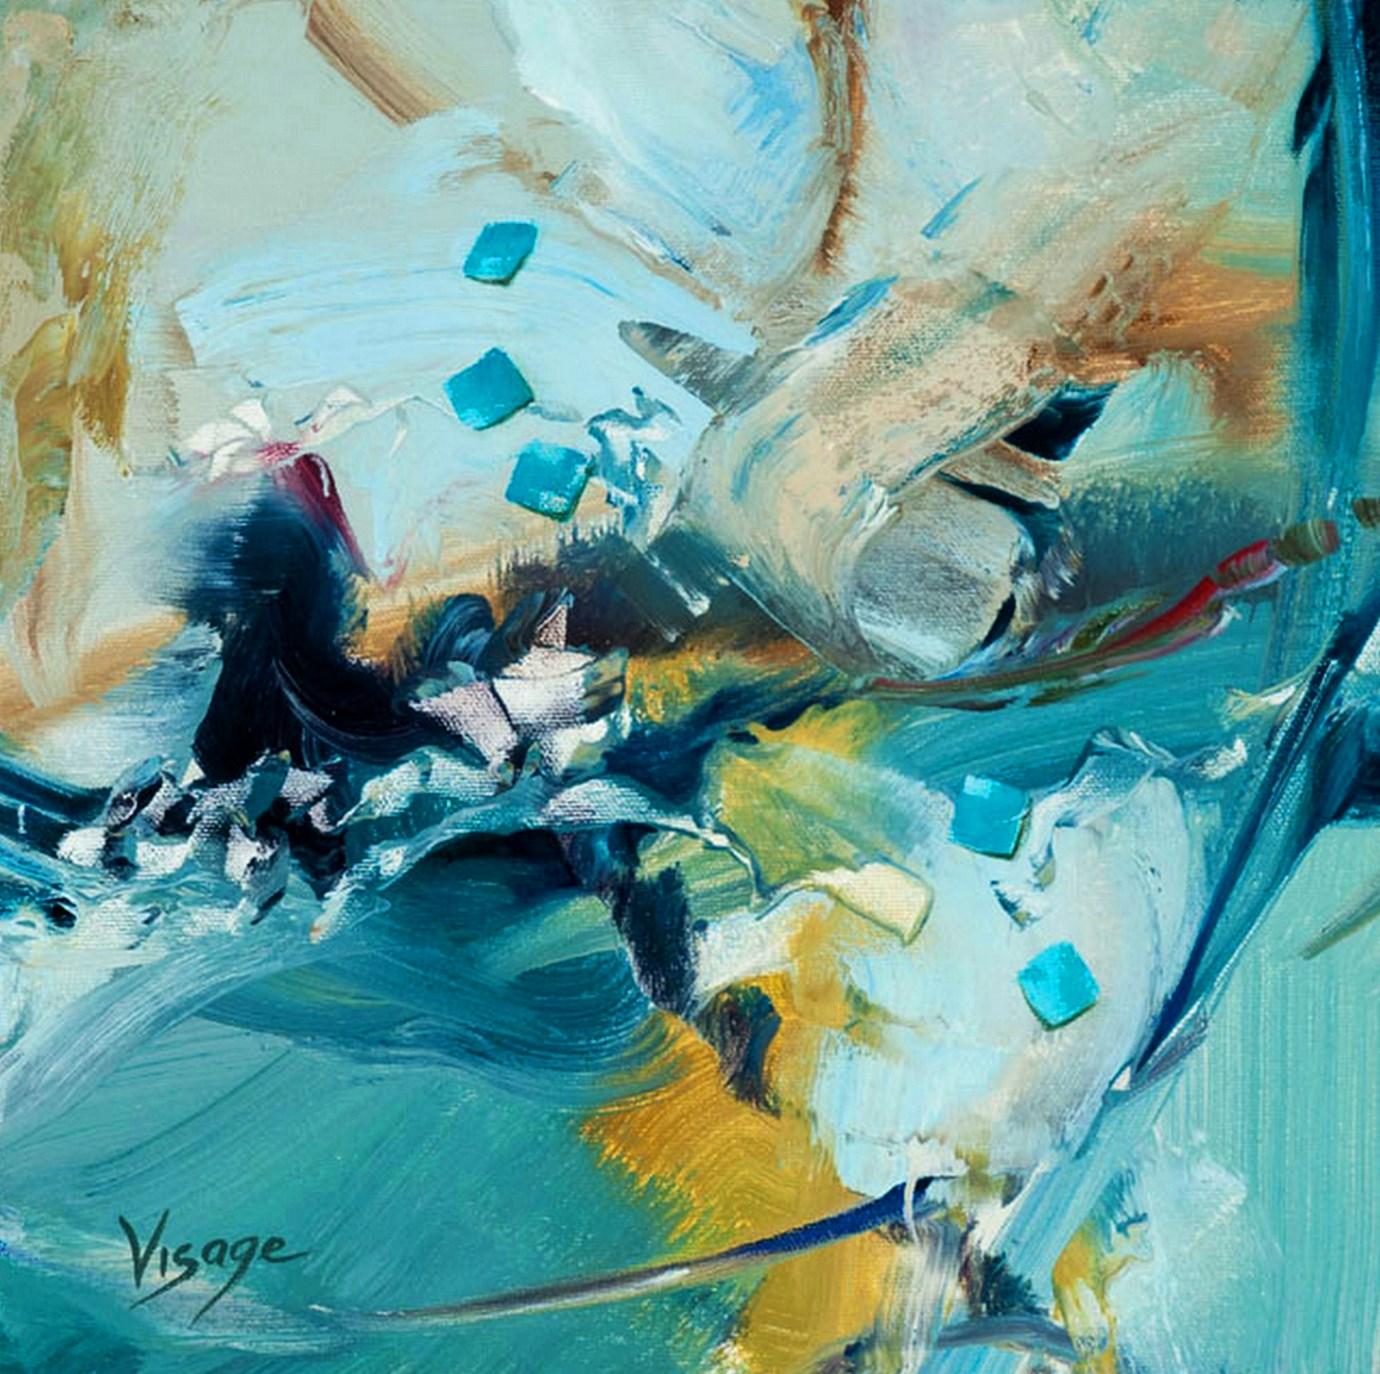 Pintura moderna y fotograf a art stica cuadros for Fotos de cuadros abstractos sencillos